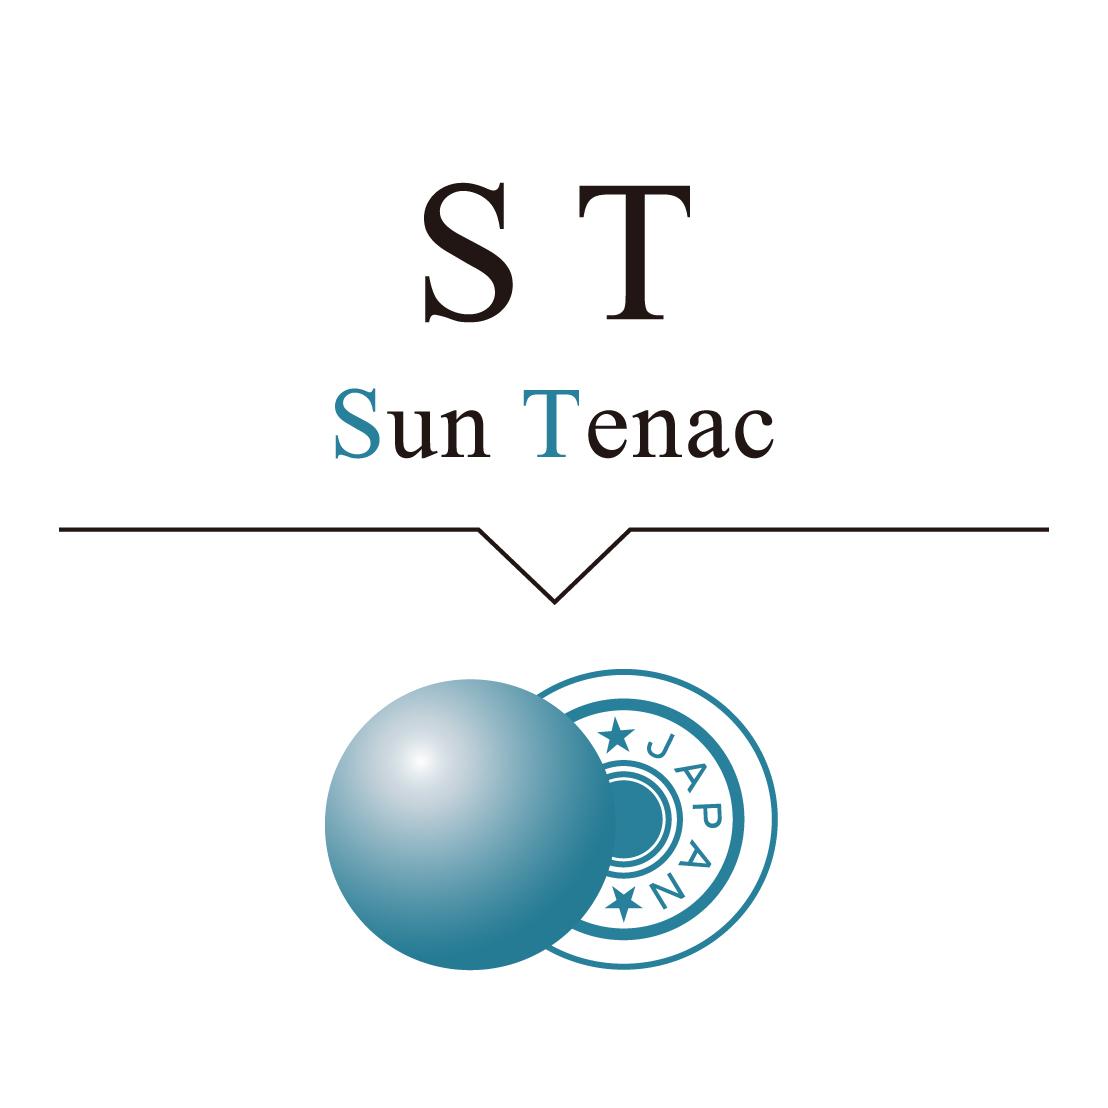 SUN TENAC